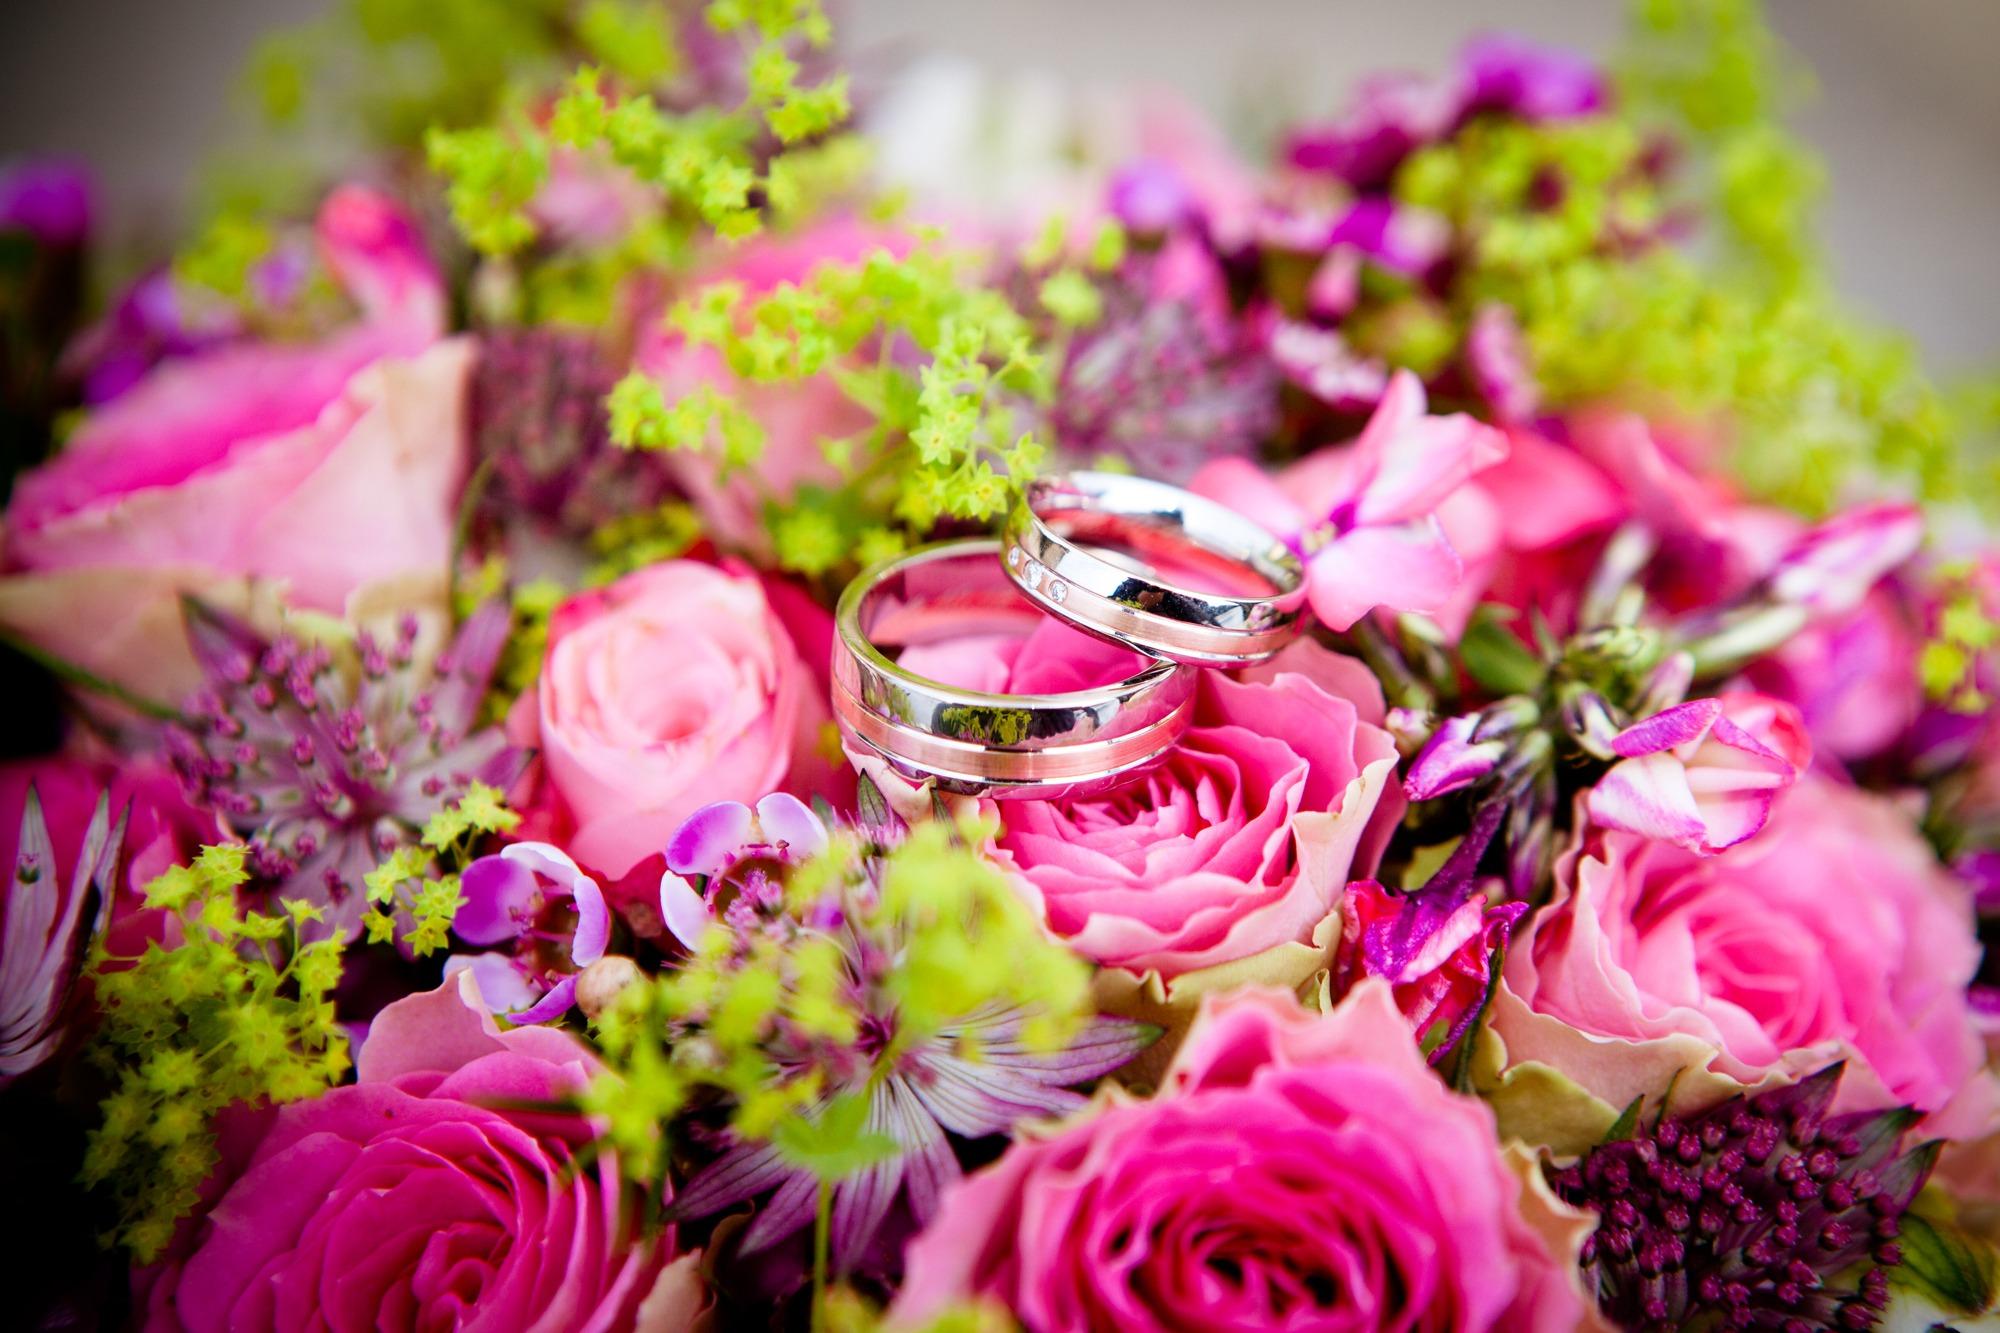 54192 скачать обои Свадьба, Праздники, Розы, Кольца, Букет - заставки и картинки бесплатно